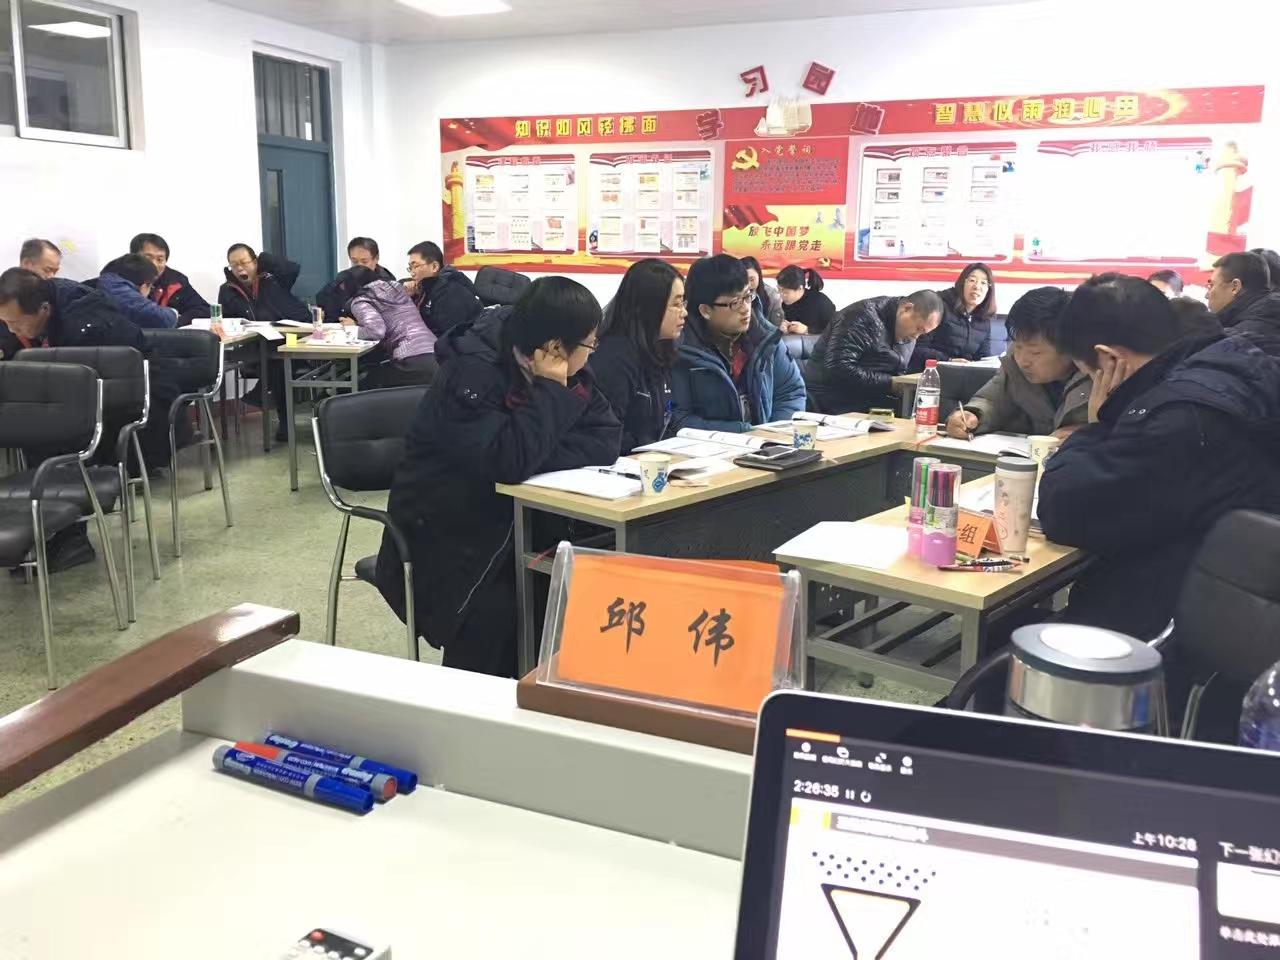 沈阳黎明航空发动机集团 第二期《FAST高效课程开发》 培训师邱伟